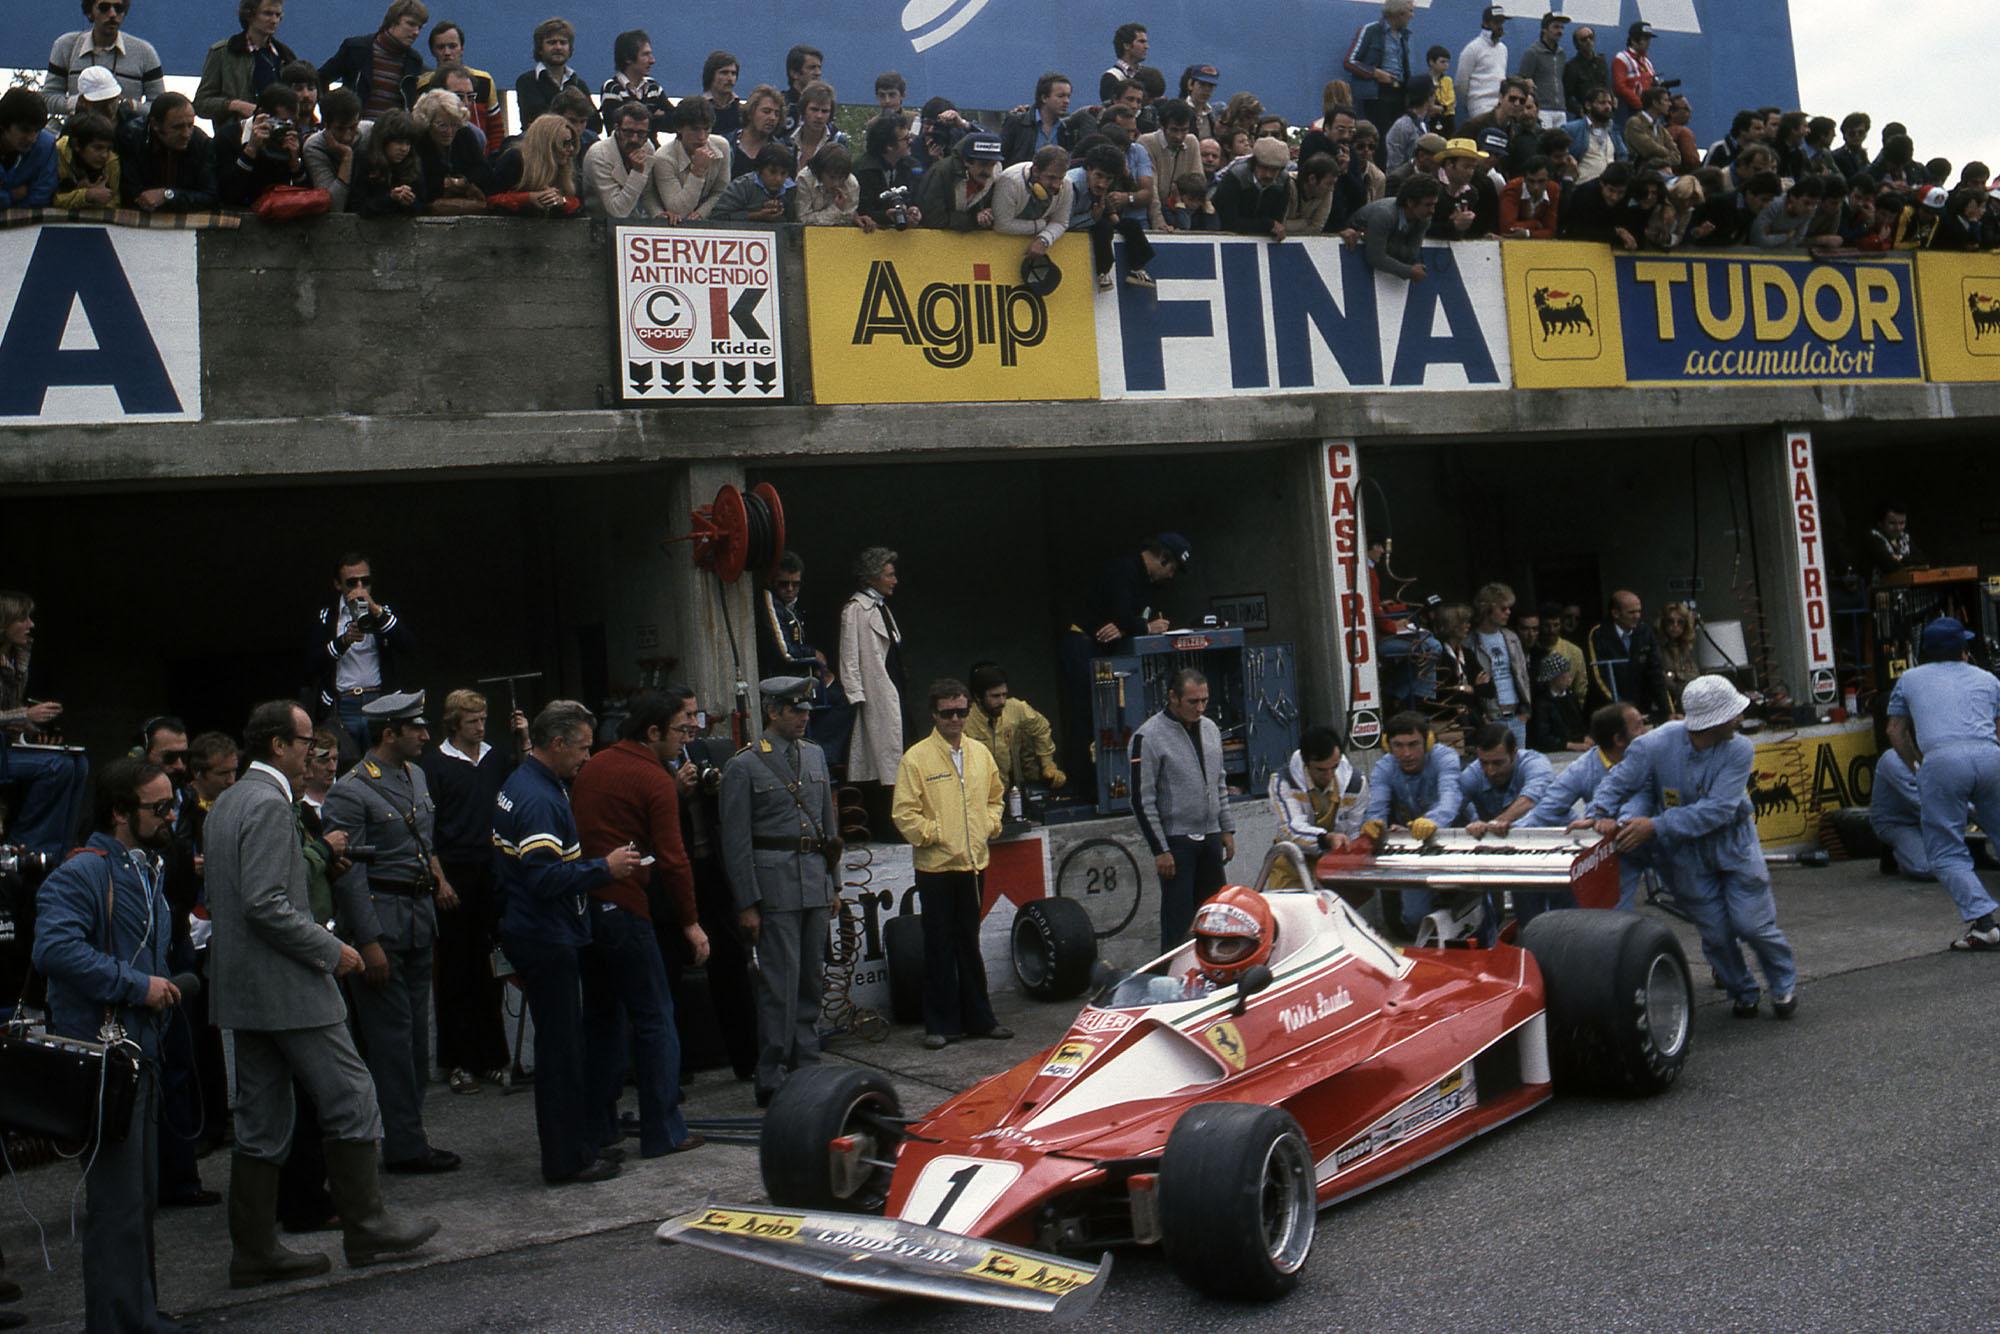 Niki Lauda (Ferrari) prepares to leave the pits at the 1976 Italian Grand Prix, Monza.